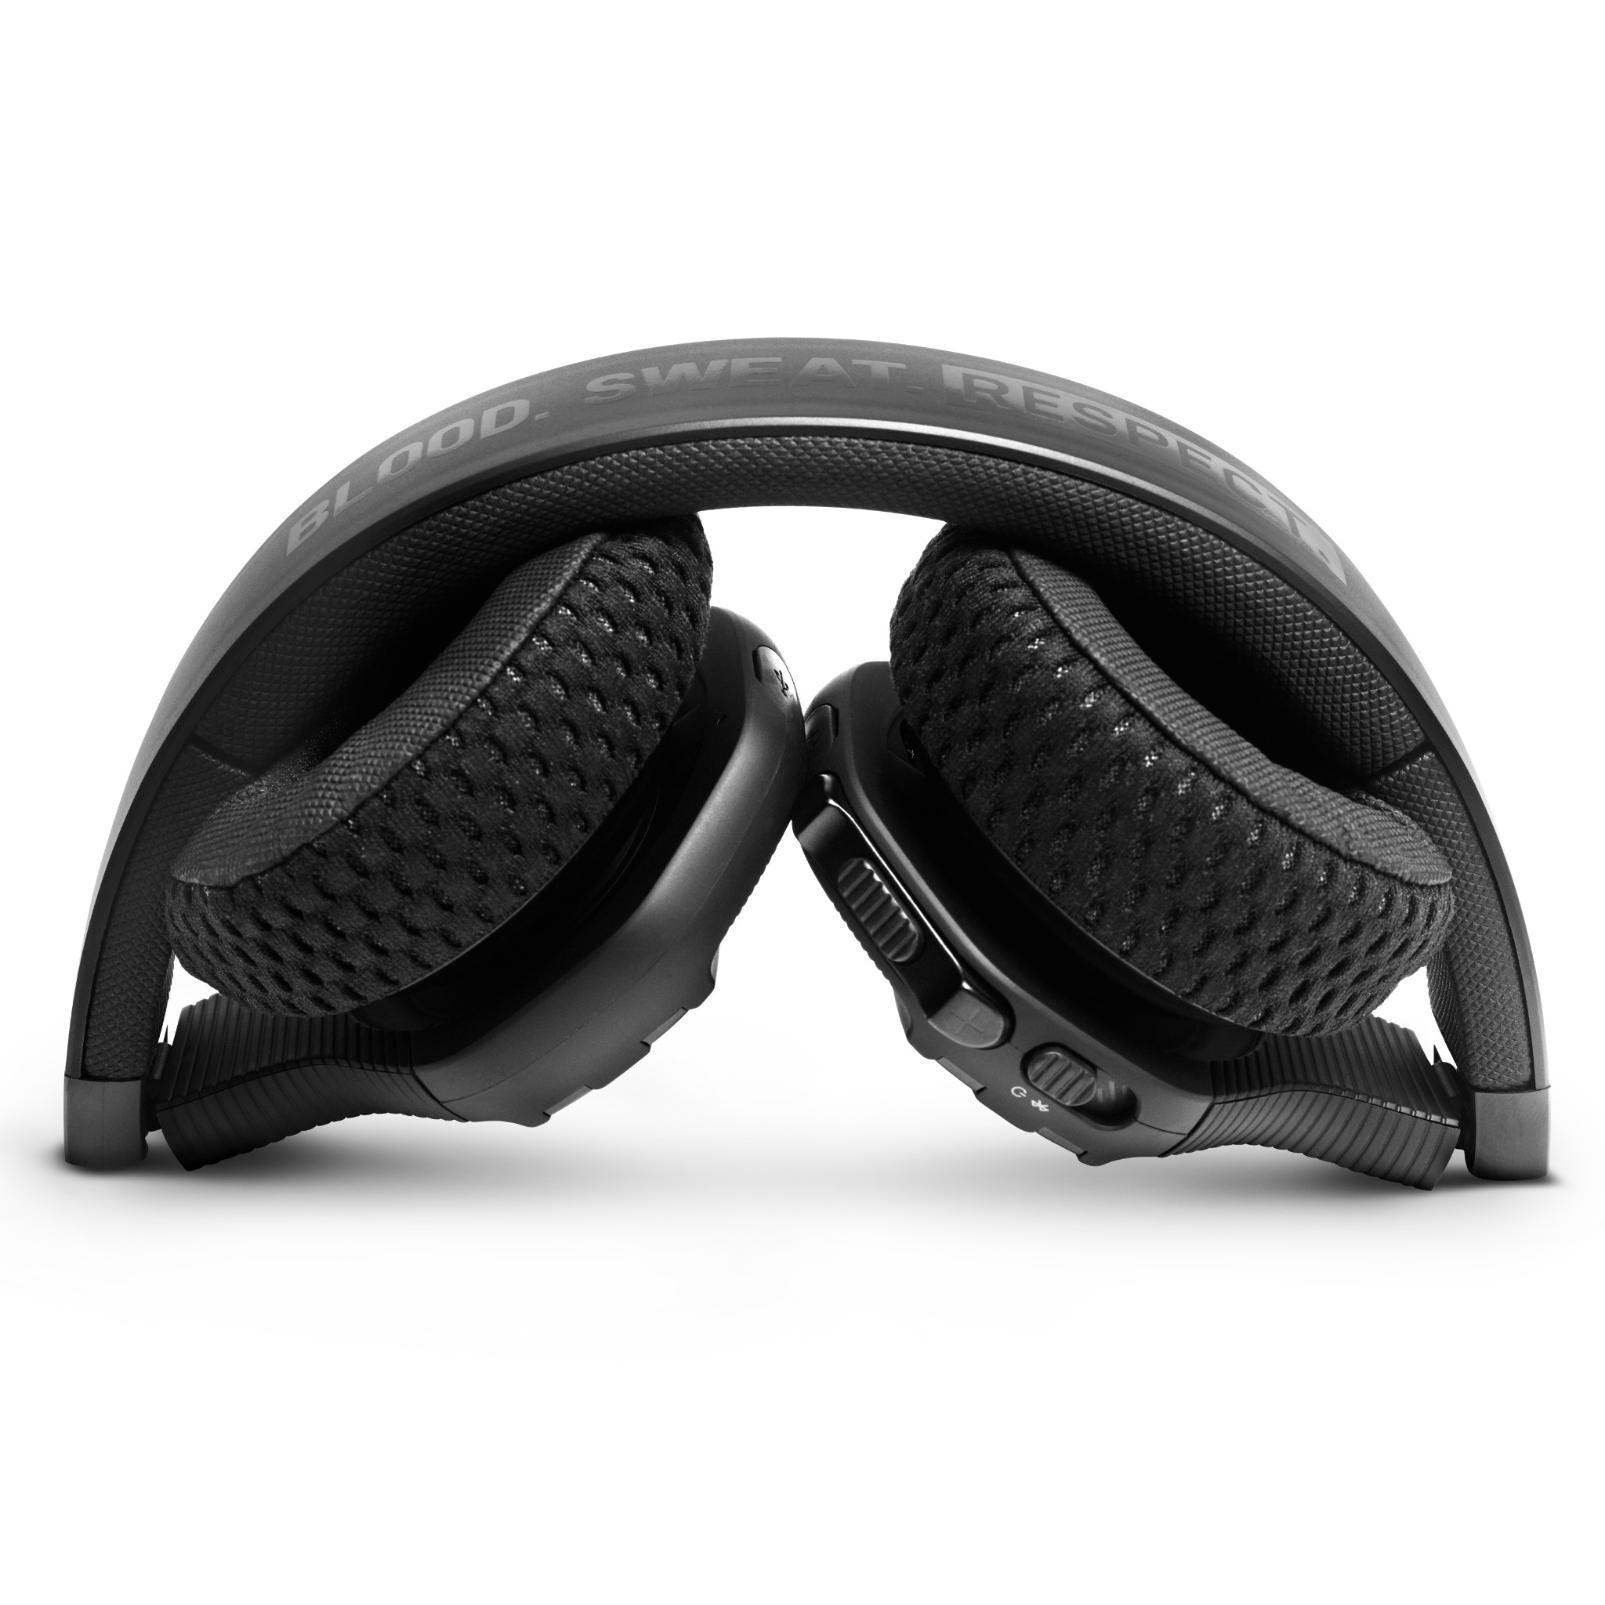 UA Sport Wireless Train Project Rock – Engineered by JBL - Black Matte - On-ear sport Headphones - Detailshot 2